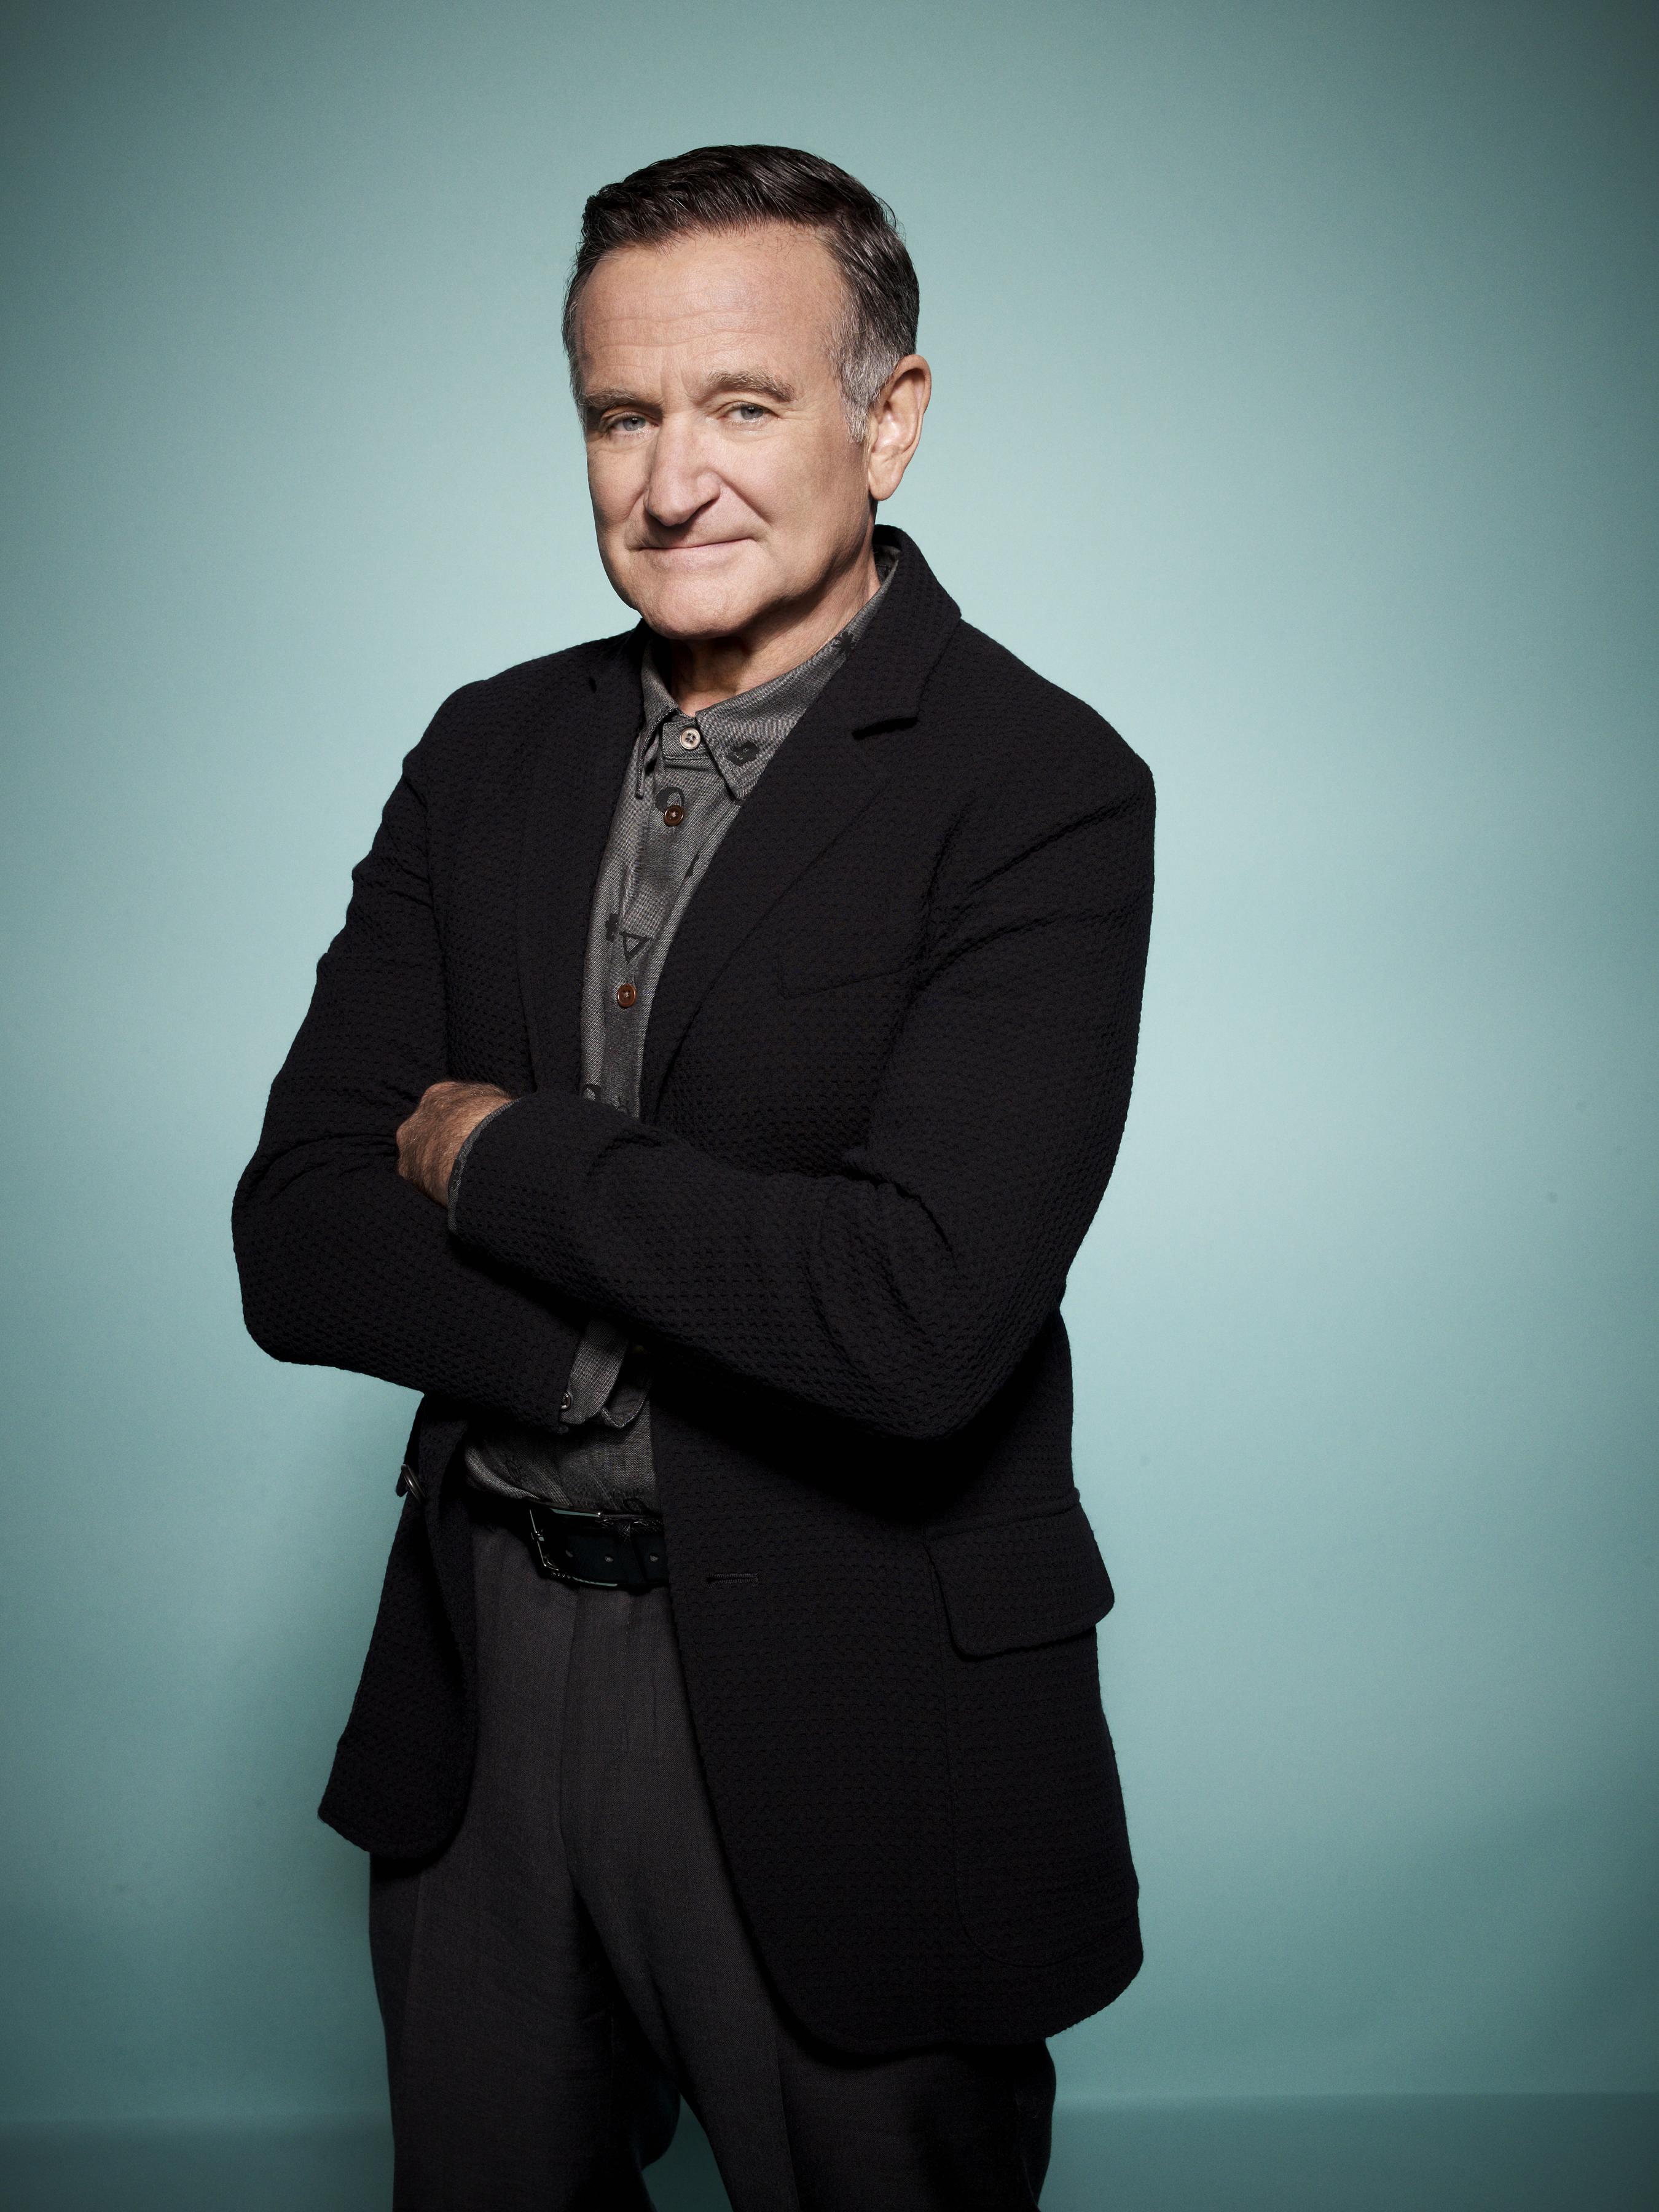 Robin Williams as Simon Roberts in